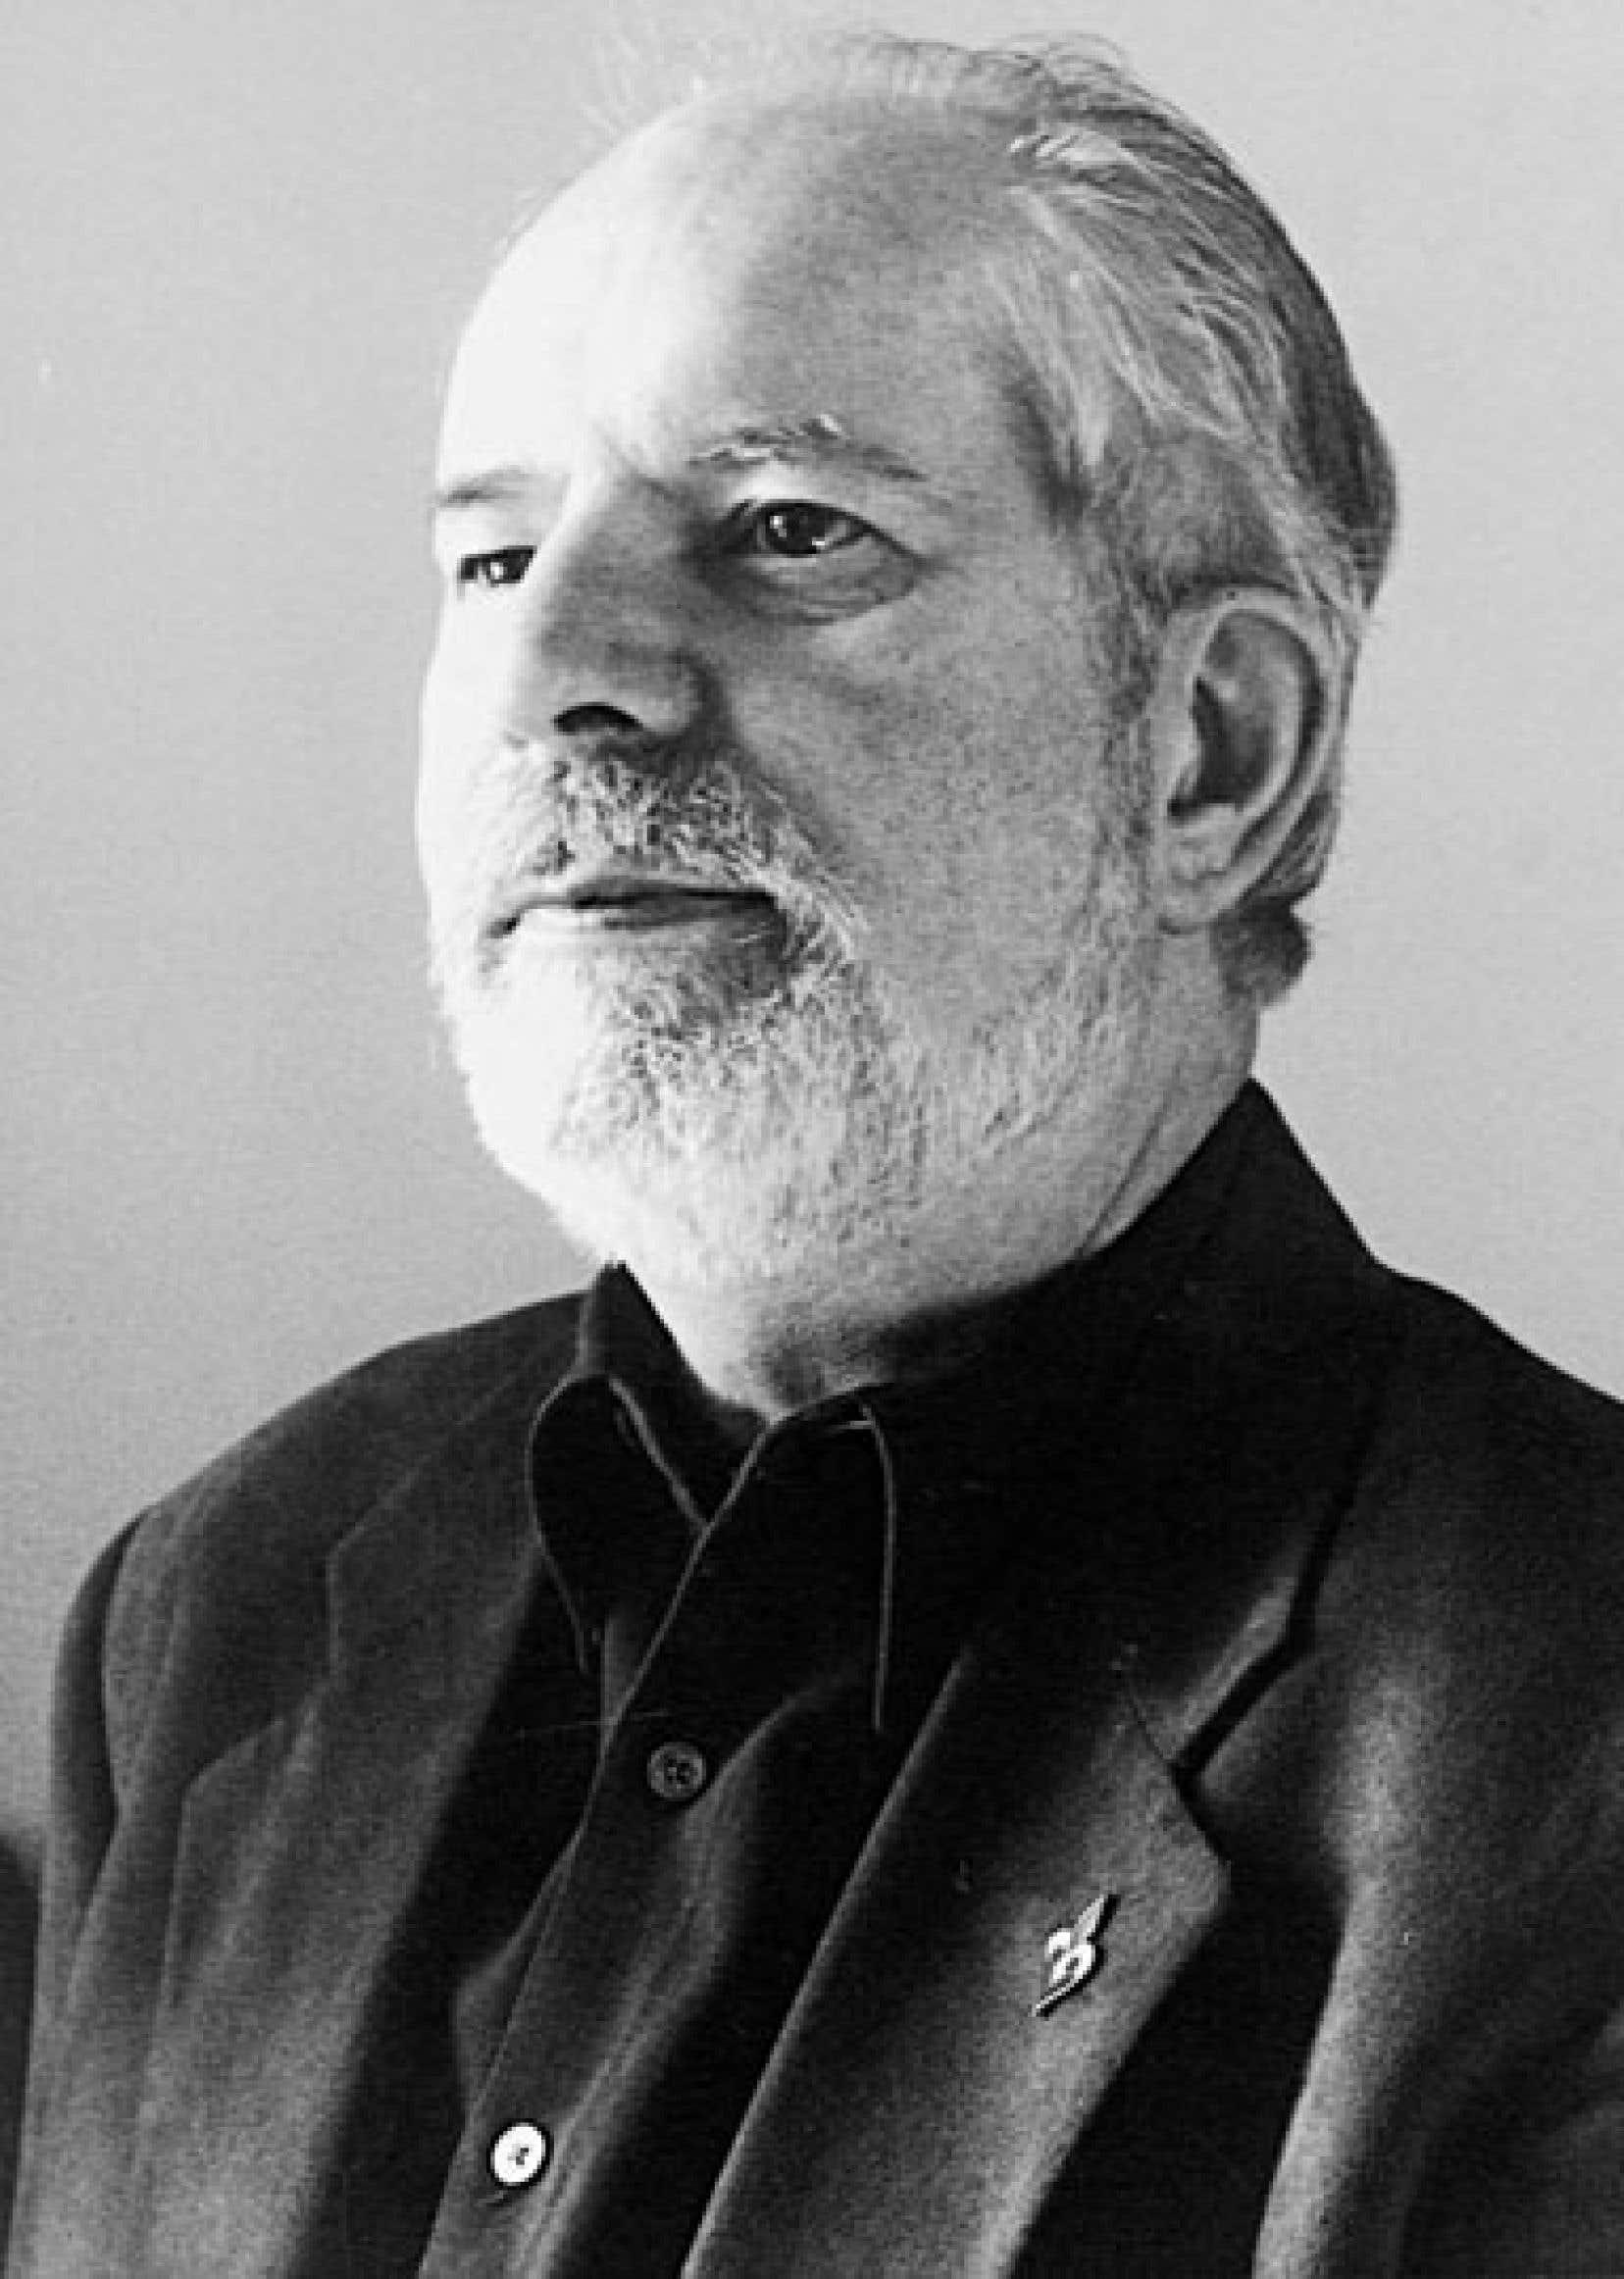 Alors qu'il était journaliste culturel, Jean Royer a consacré l'essentiel de ses énergies à faire connaître la poésie et les poètes québécois.